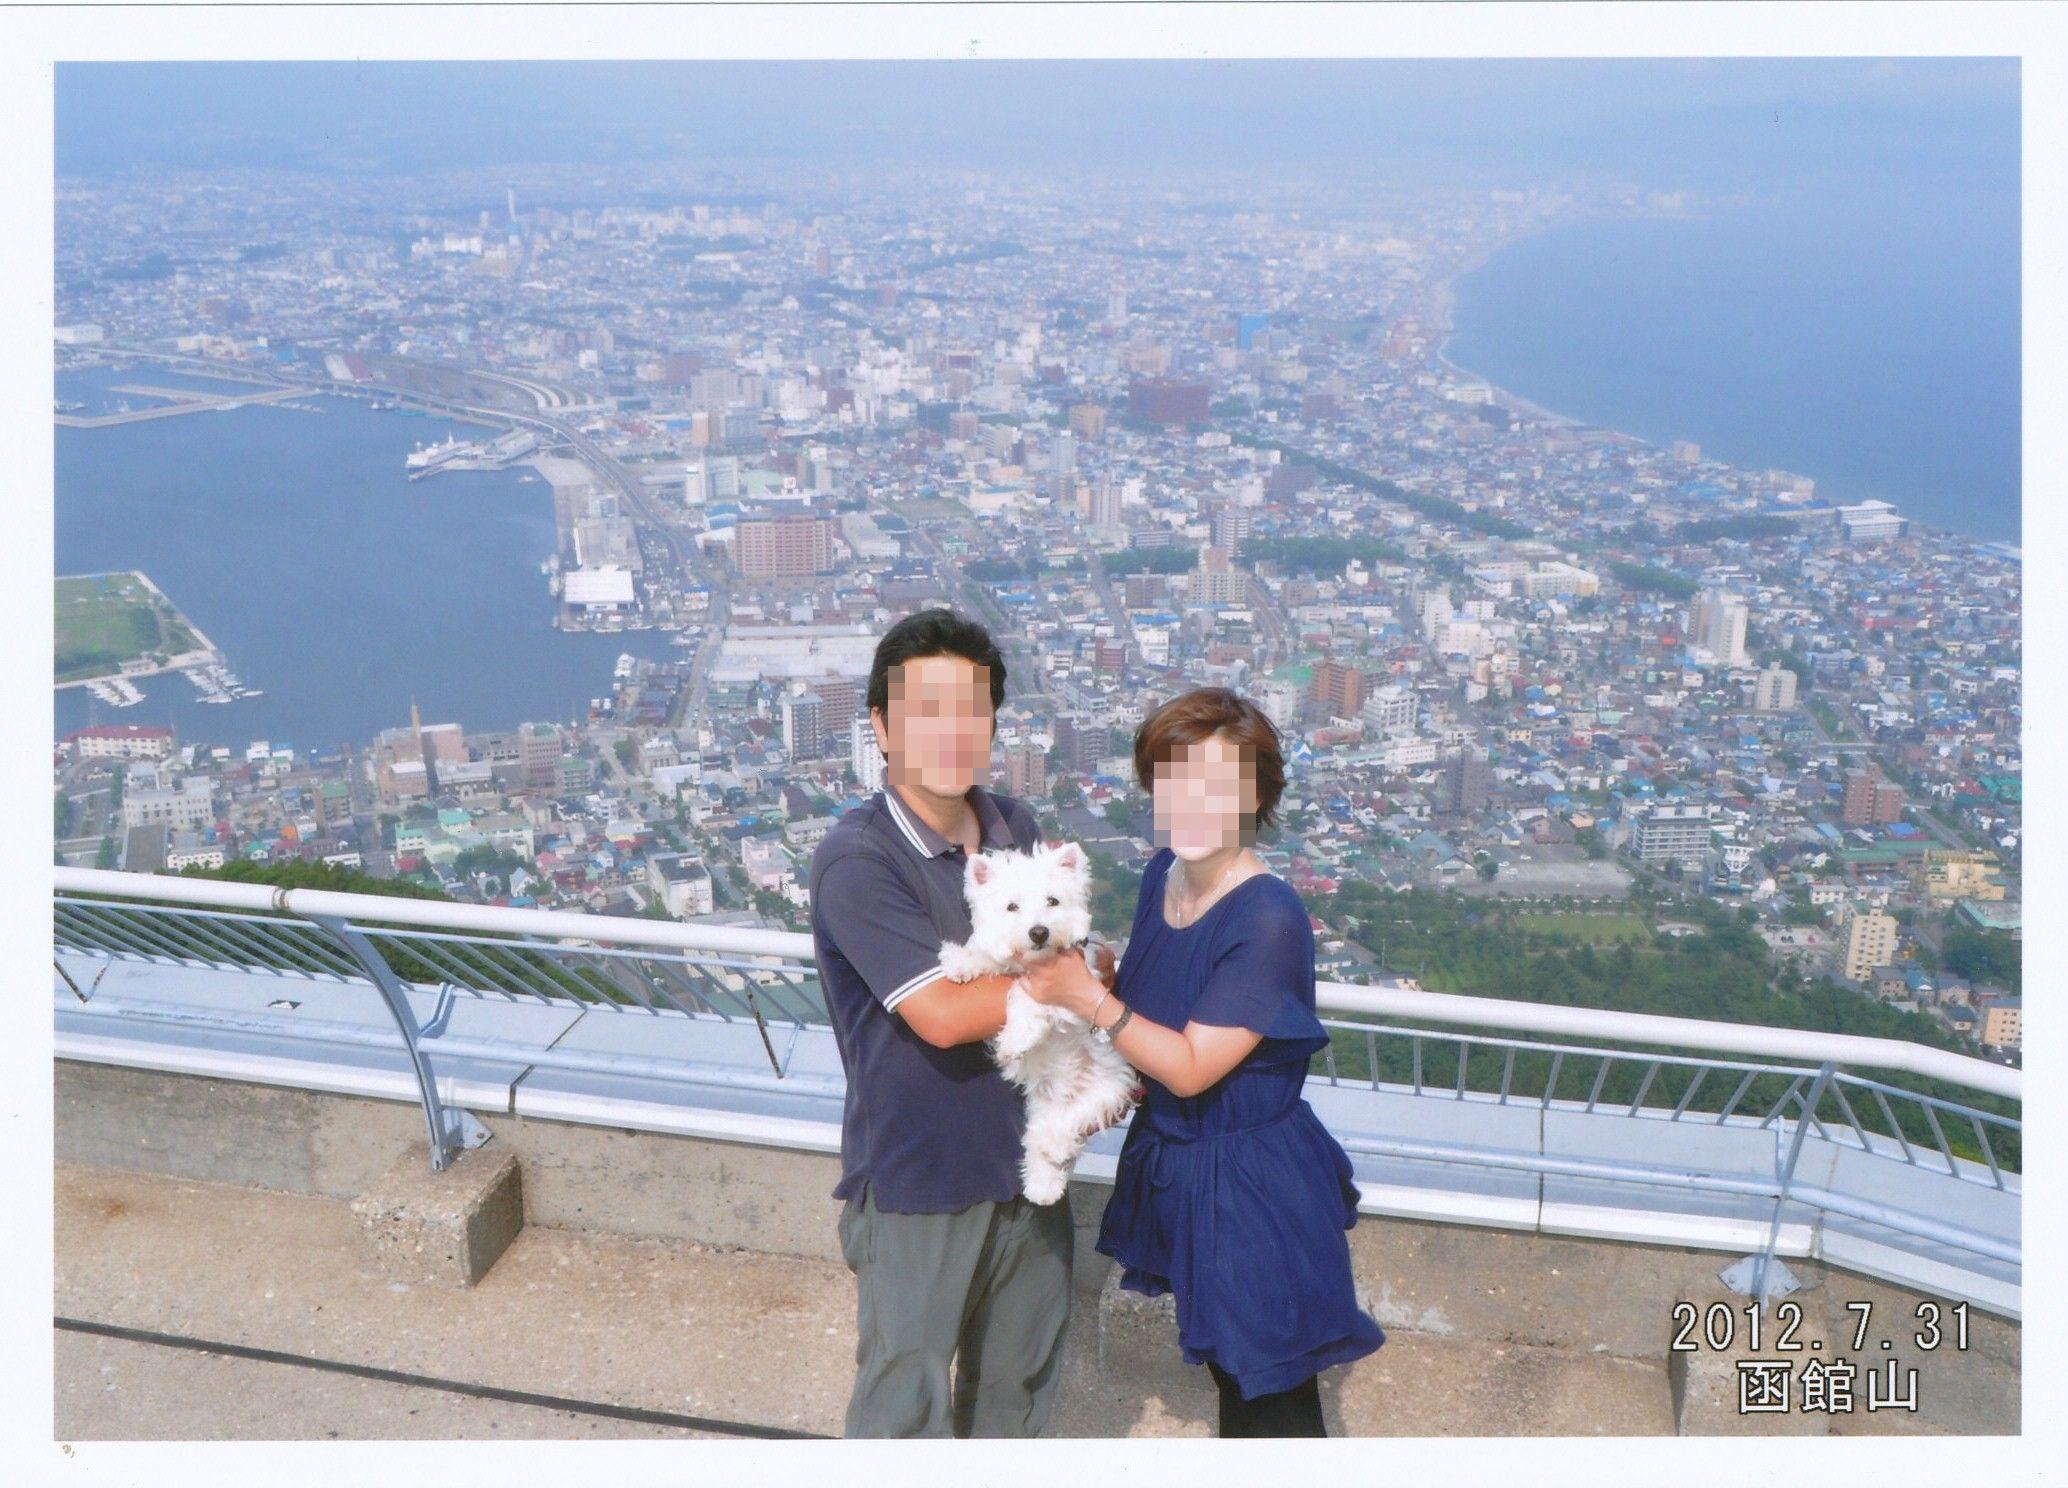 今年のはな(87)の日は仙台七夕を見に行きました♪_f0039907_10304364.jpg